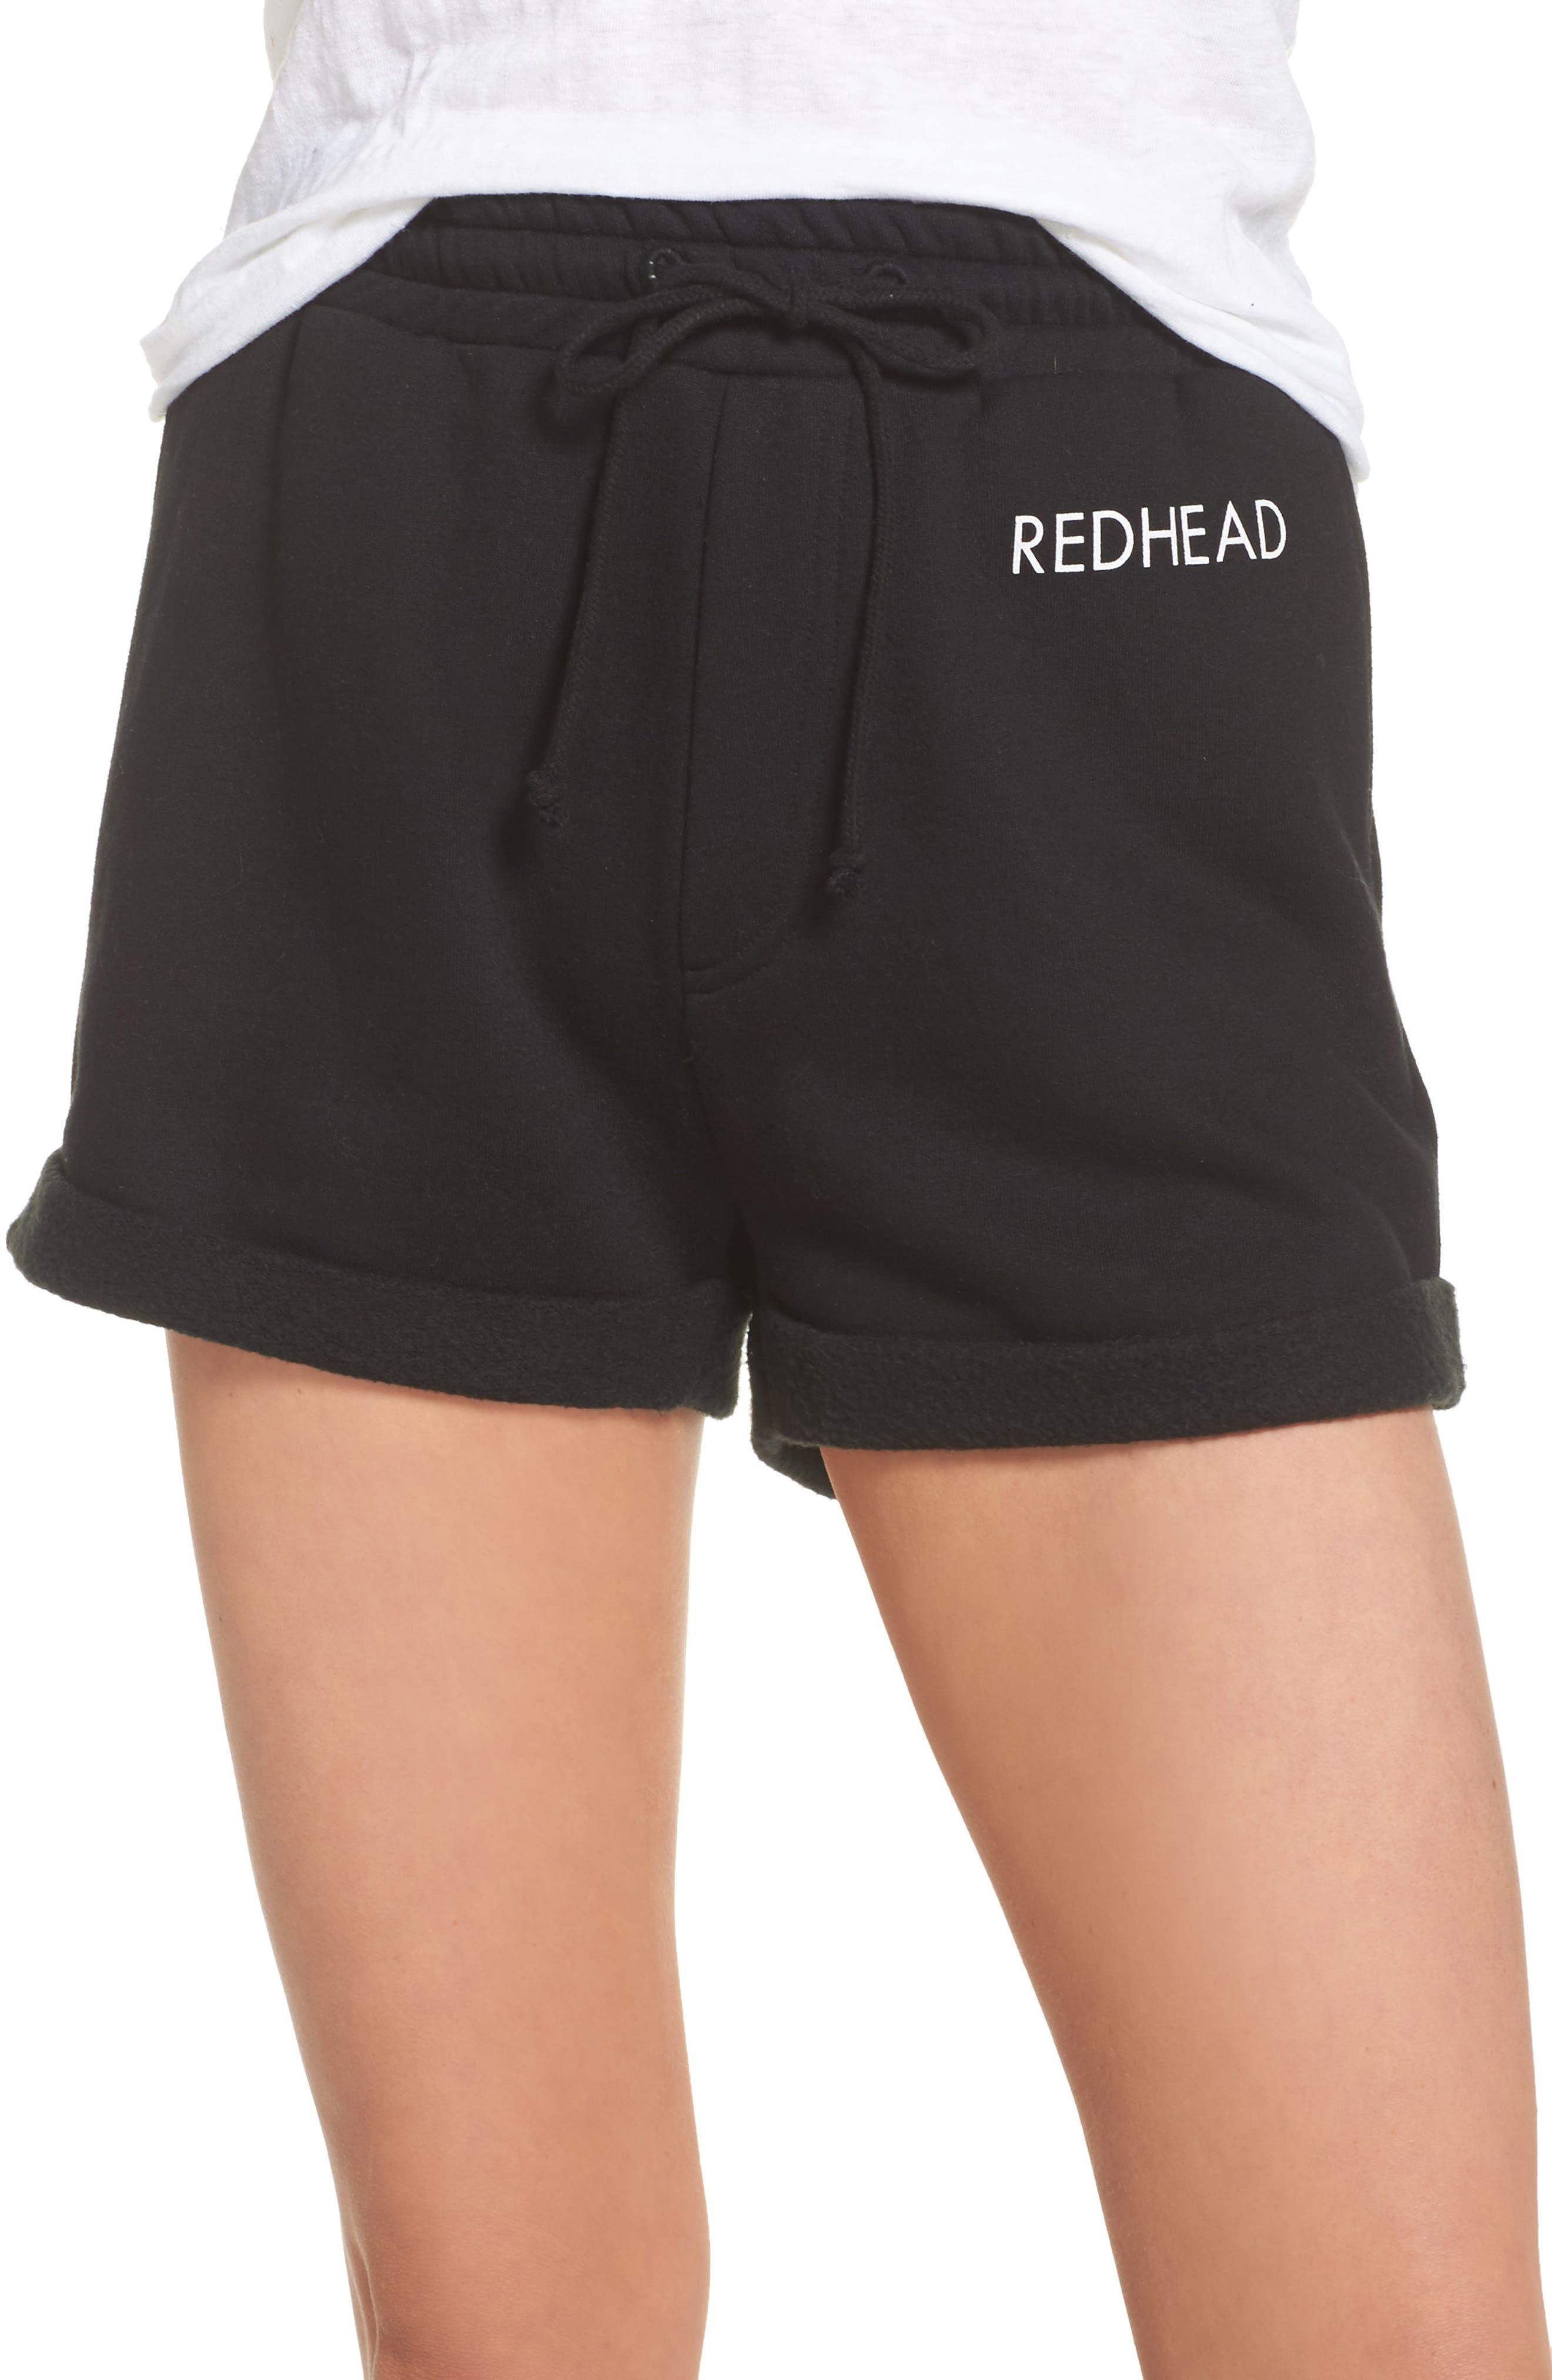 Redhead Shorts,                         Main,                         color, 010